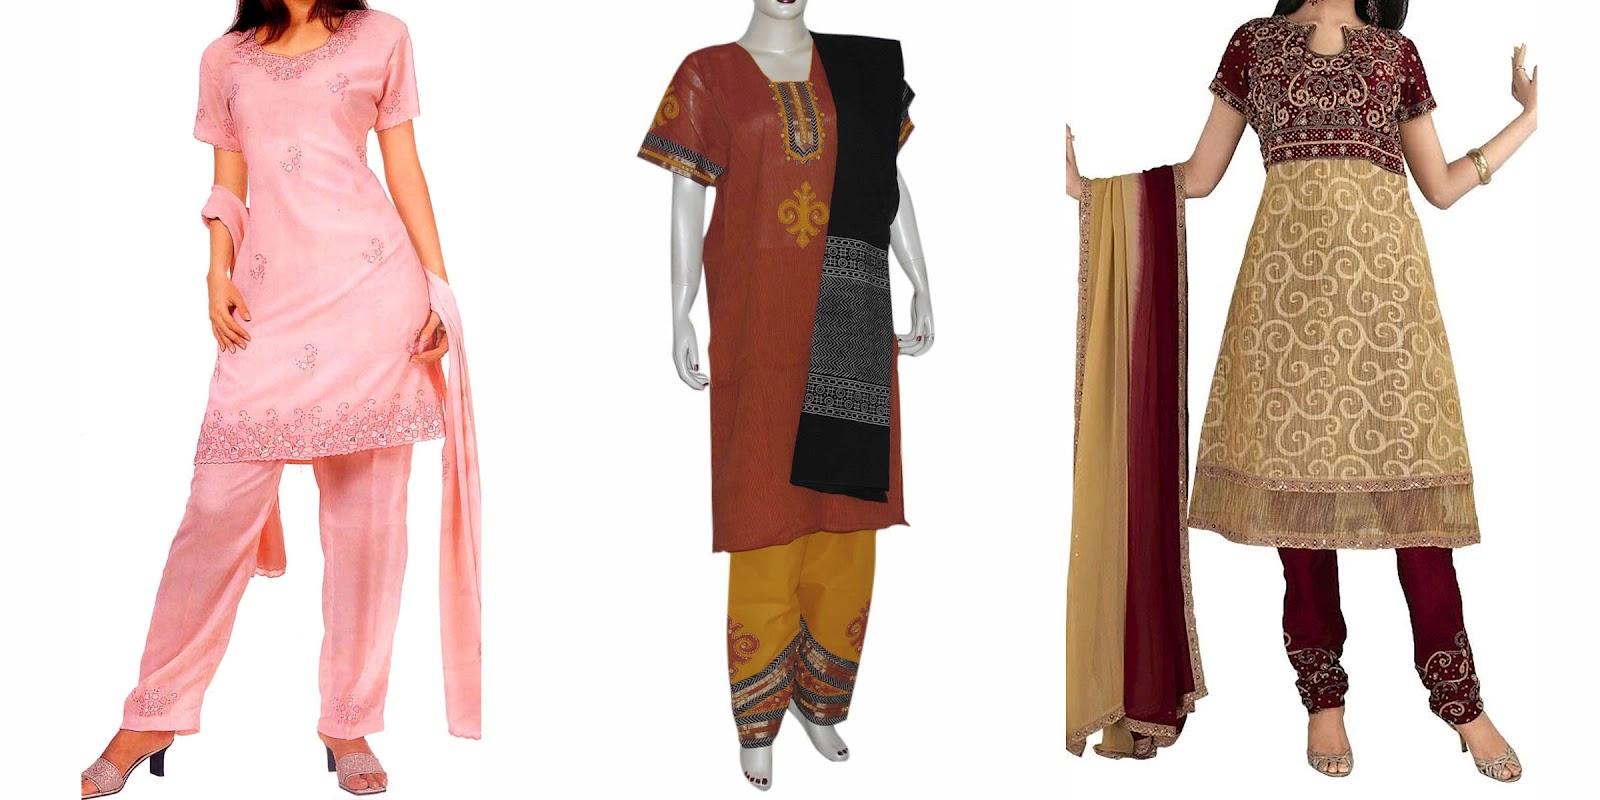 http://4.bp.blogspot.com/-1Rl2d_ChGKM/TzEJ2eTC6oI/AAAAAAAABsE/tCz--CWf8yk/s1600/punjabi+salwar+suits2.jpg